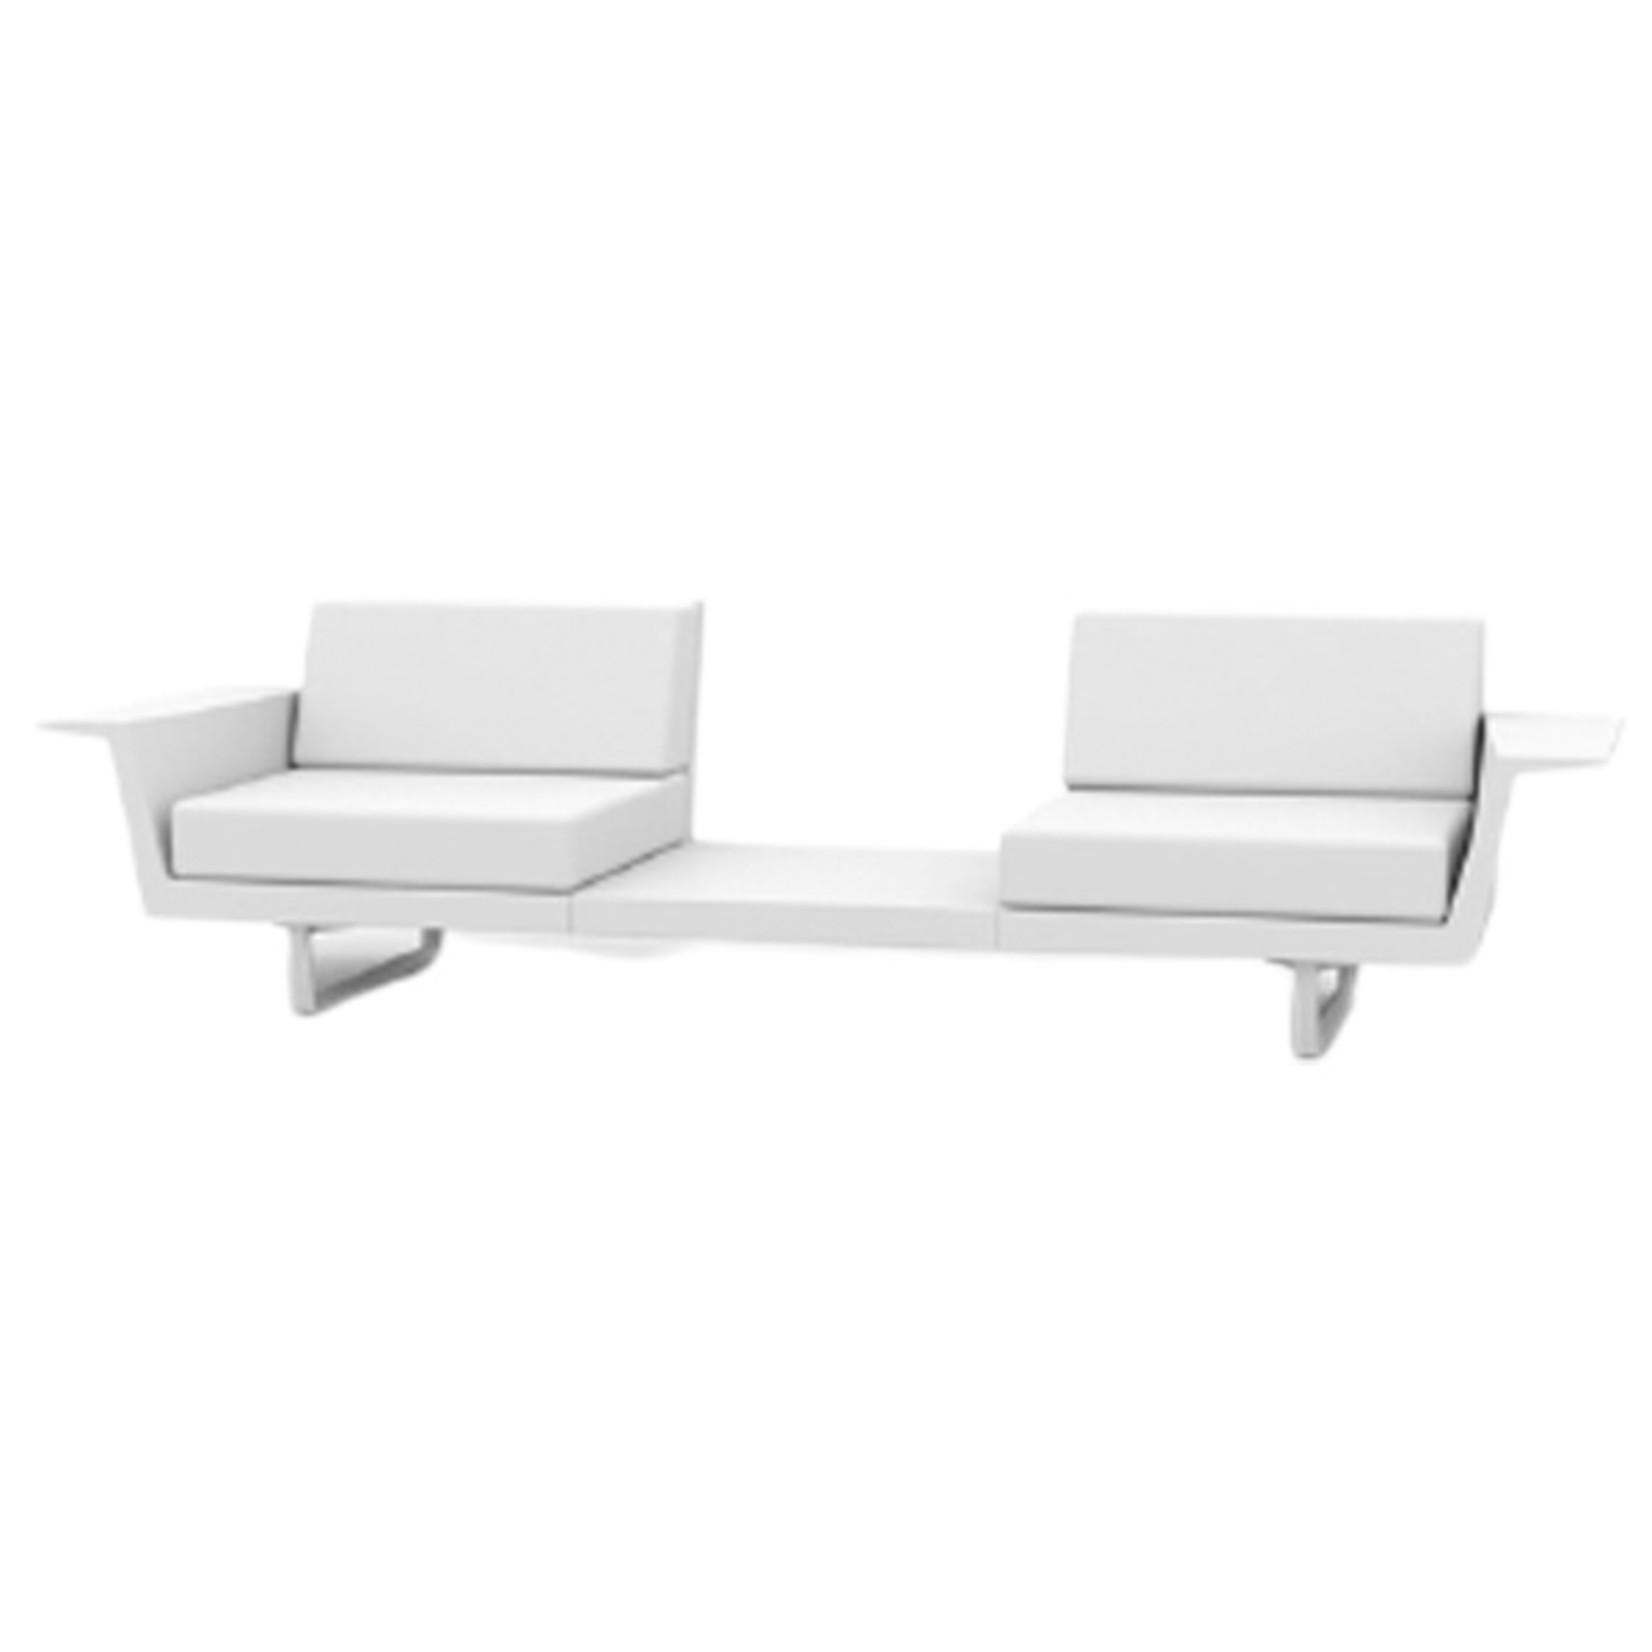 Vondom DELTA Sofa 2 seat + Table